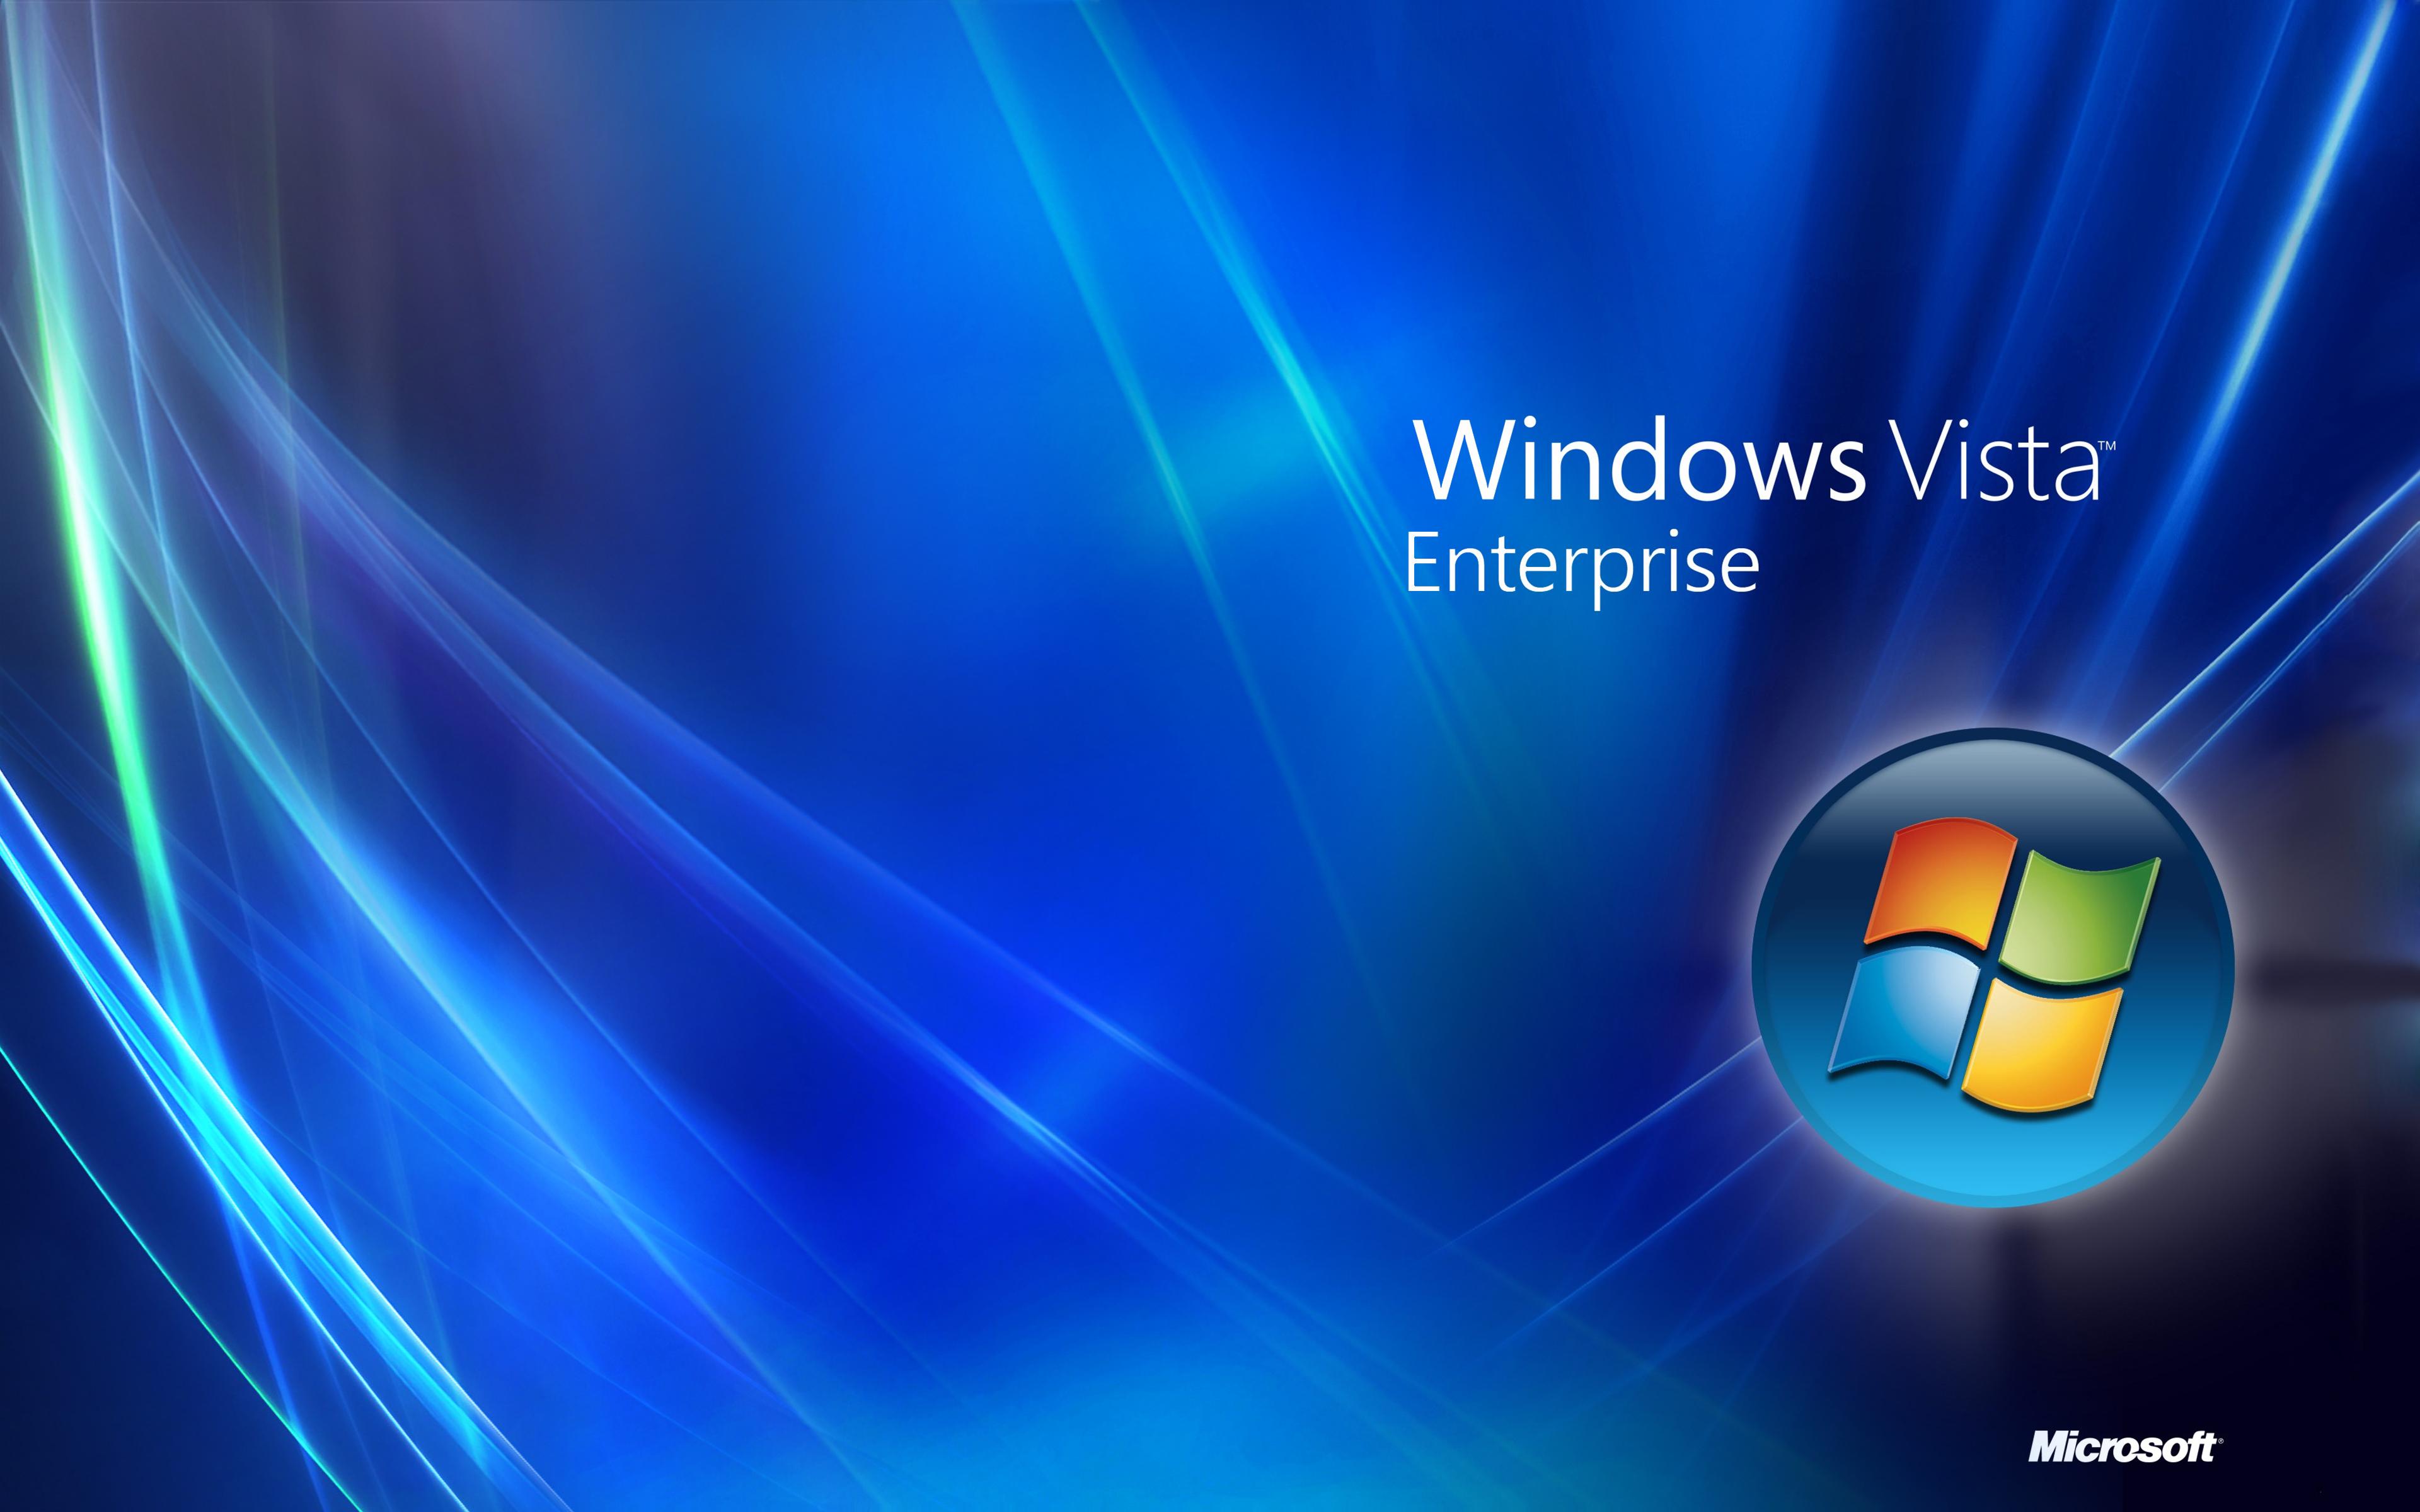 Get Windows Vist Wallpaper  Wallpapers